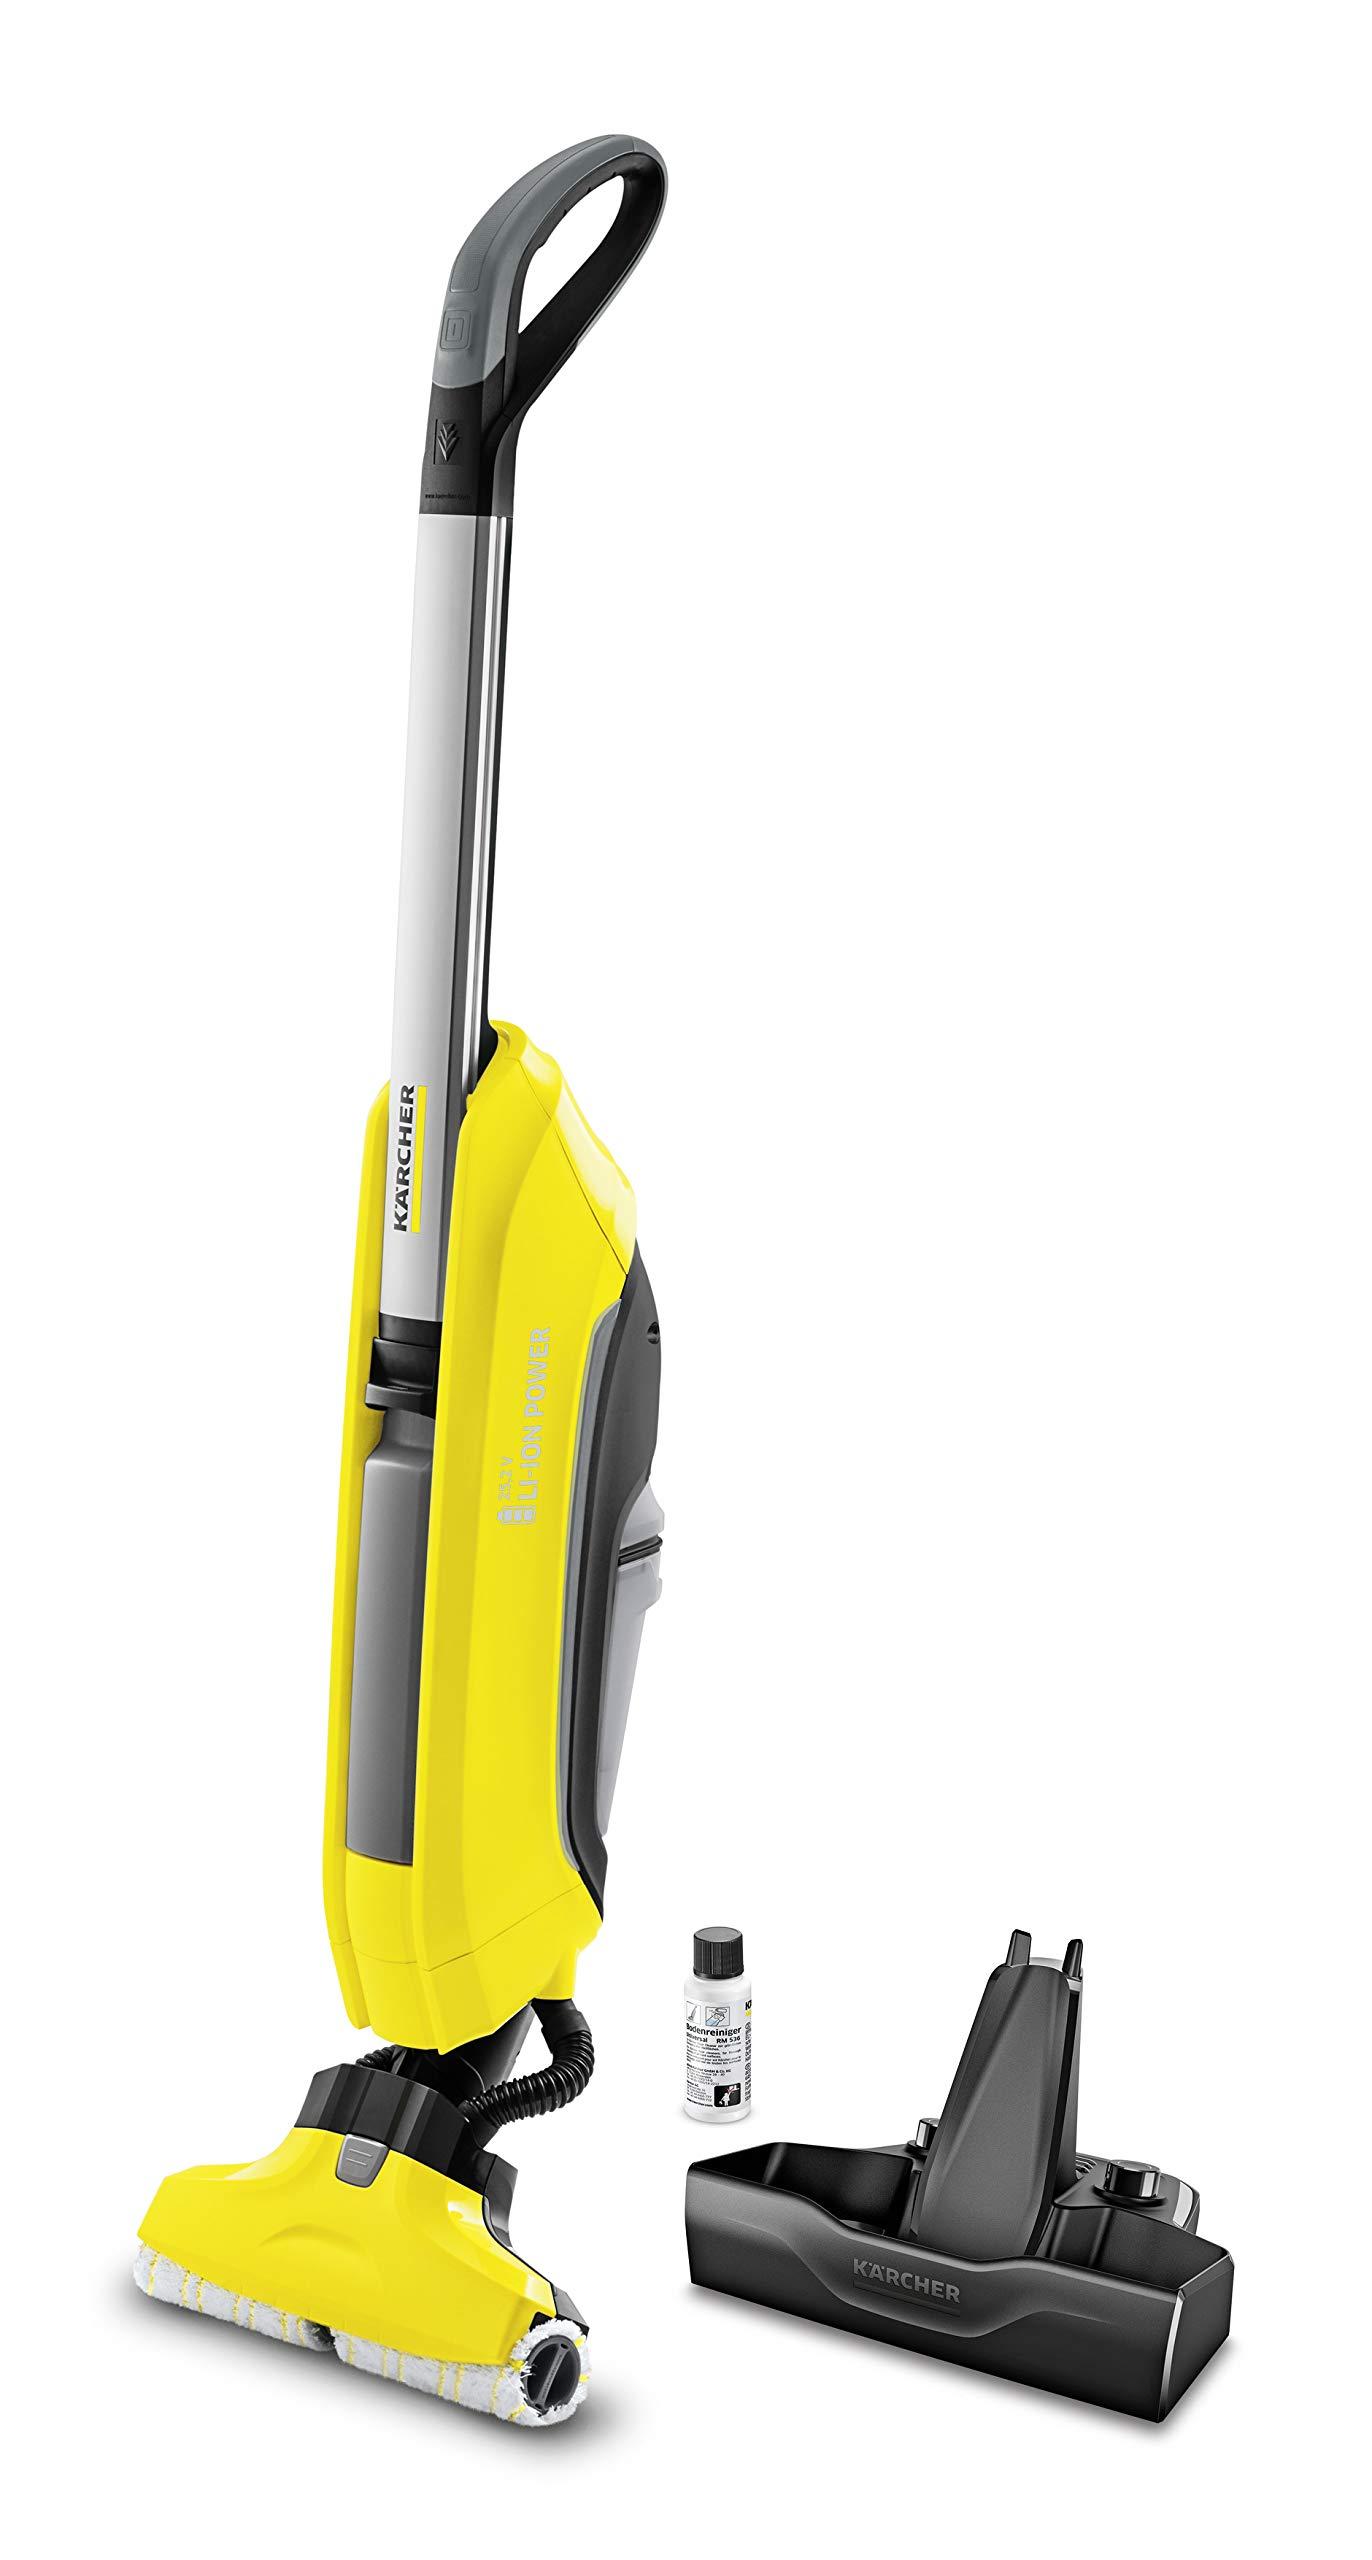 Kärcher Fregona Eléctrica FC 5 Sin cable, 25.2 V y 20 mins de autonomía (1.055-601.0): 293.98: Amazon.es: Bricolaje y herramientas